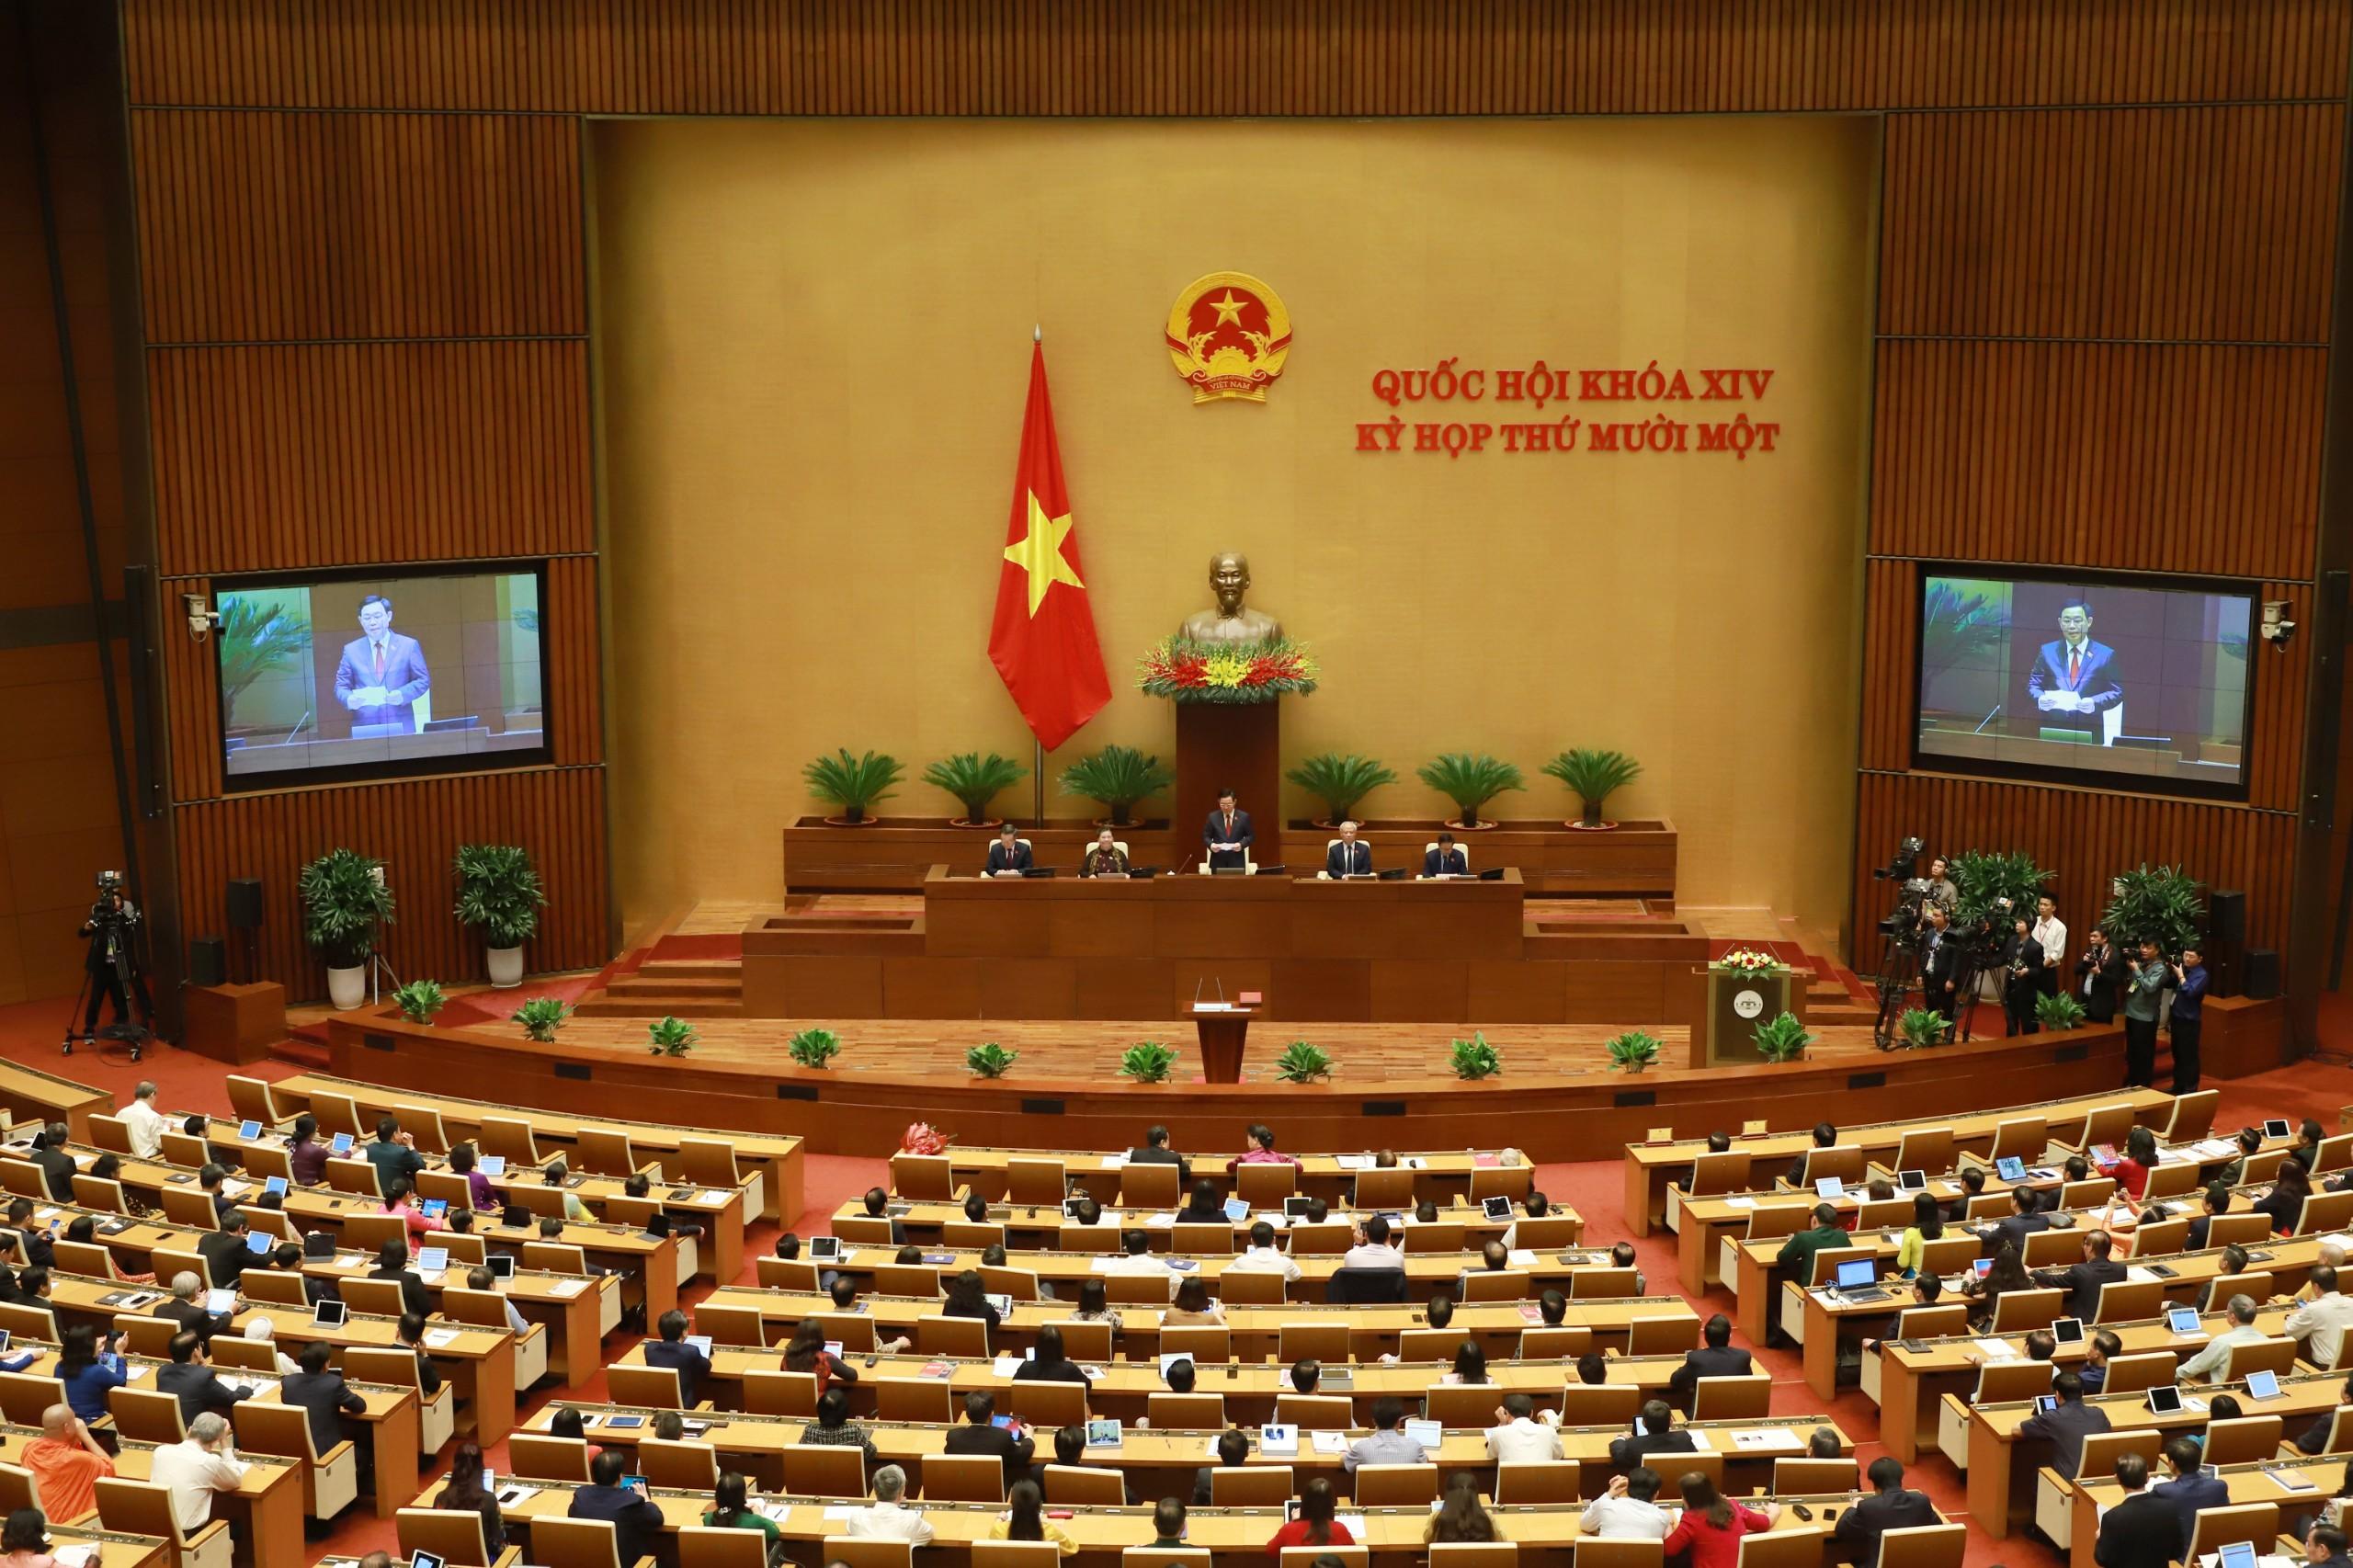 Chùm ảnh: Tân Chủ tịch Quốc hội tuyên thệ nhậm chức, điều hành phiên họp - Ảnh 8